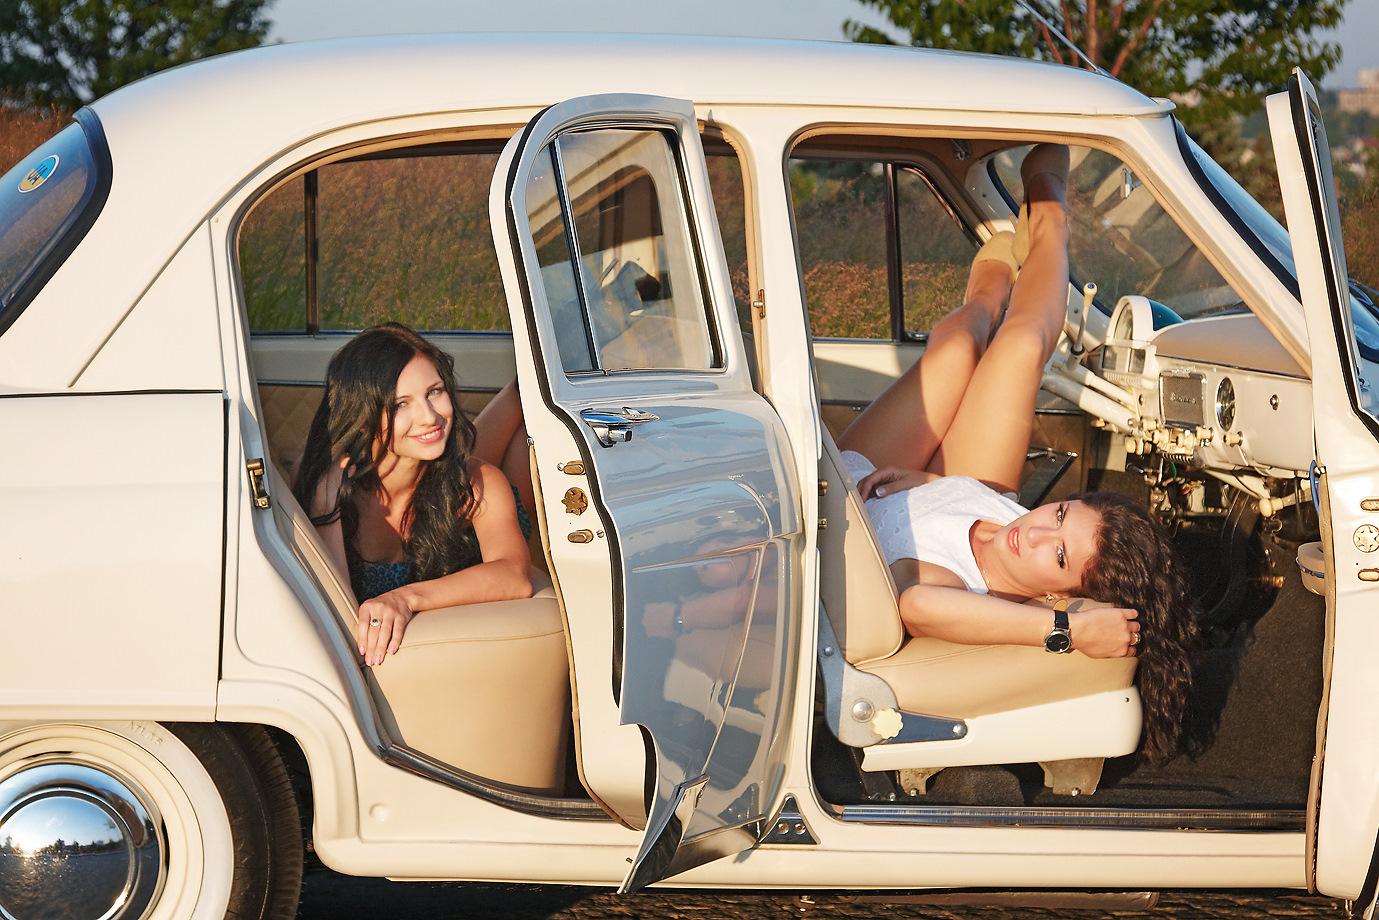 Фото секса в машинах, Секс в машине со шлюхой (26 фото) 10 фотография